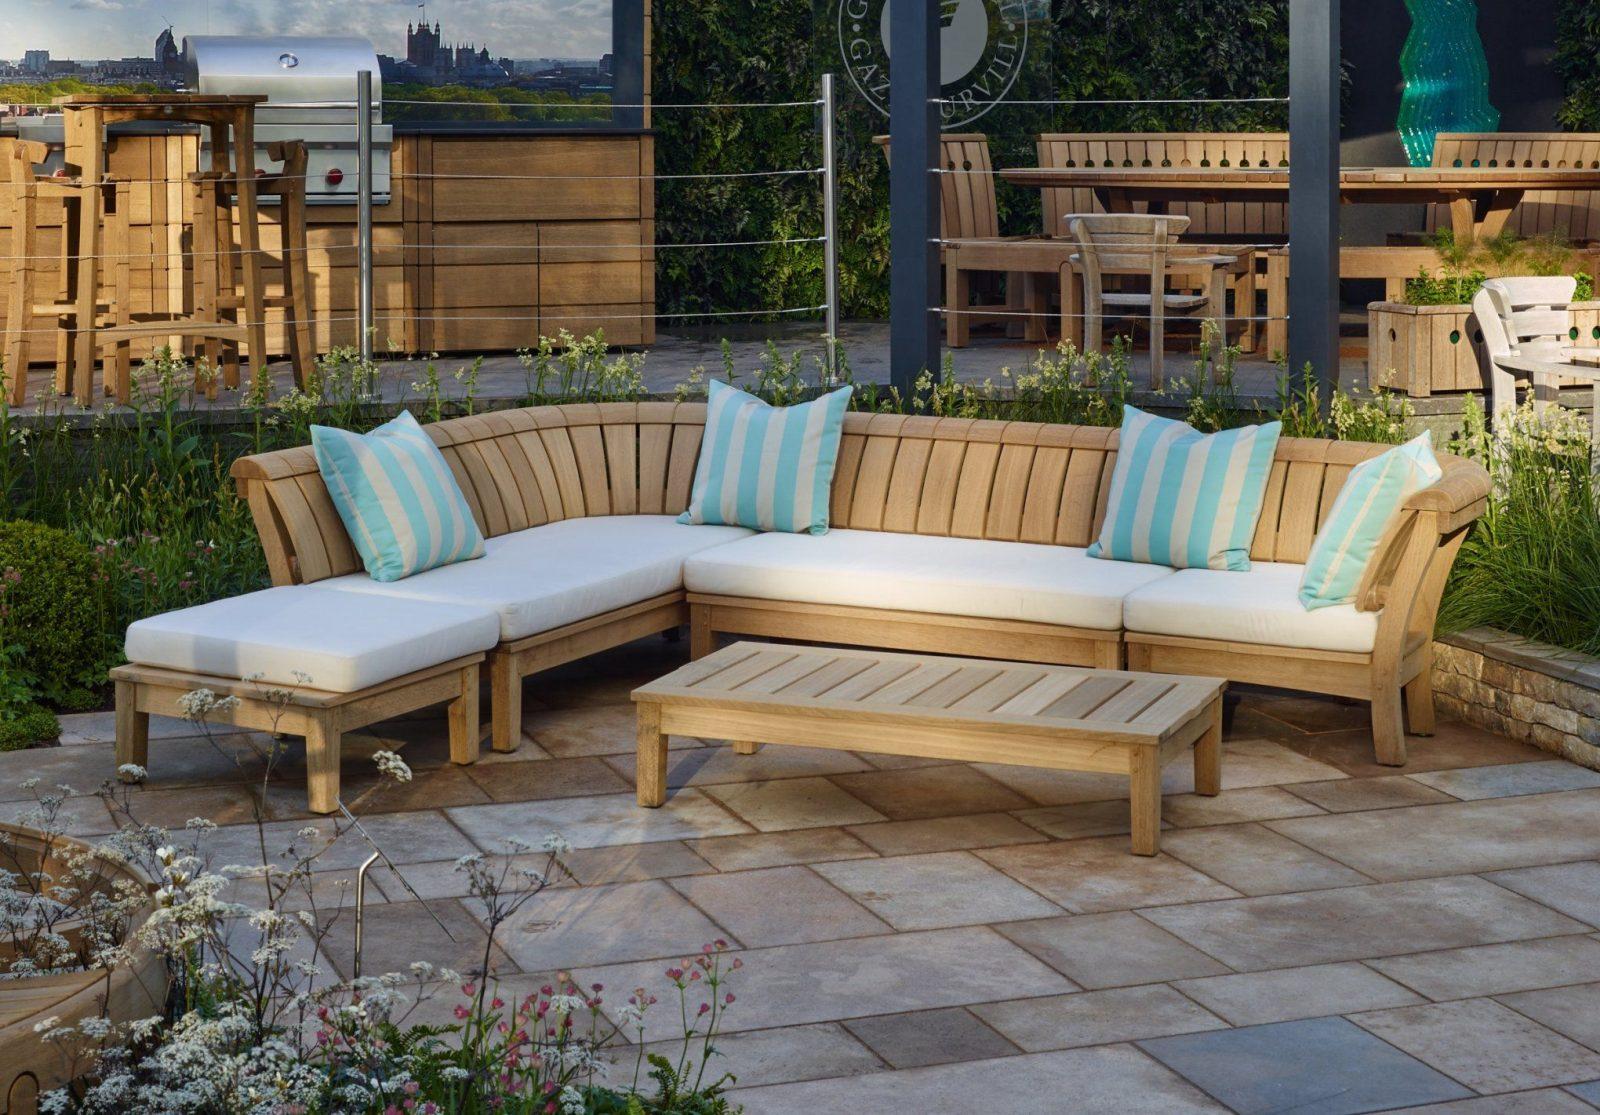 Outdoor Lounge Selber Bauen von Lounge Möbel Selber Bauen Bild